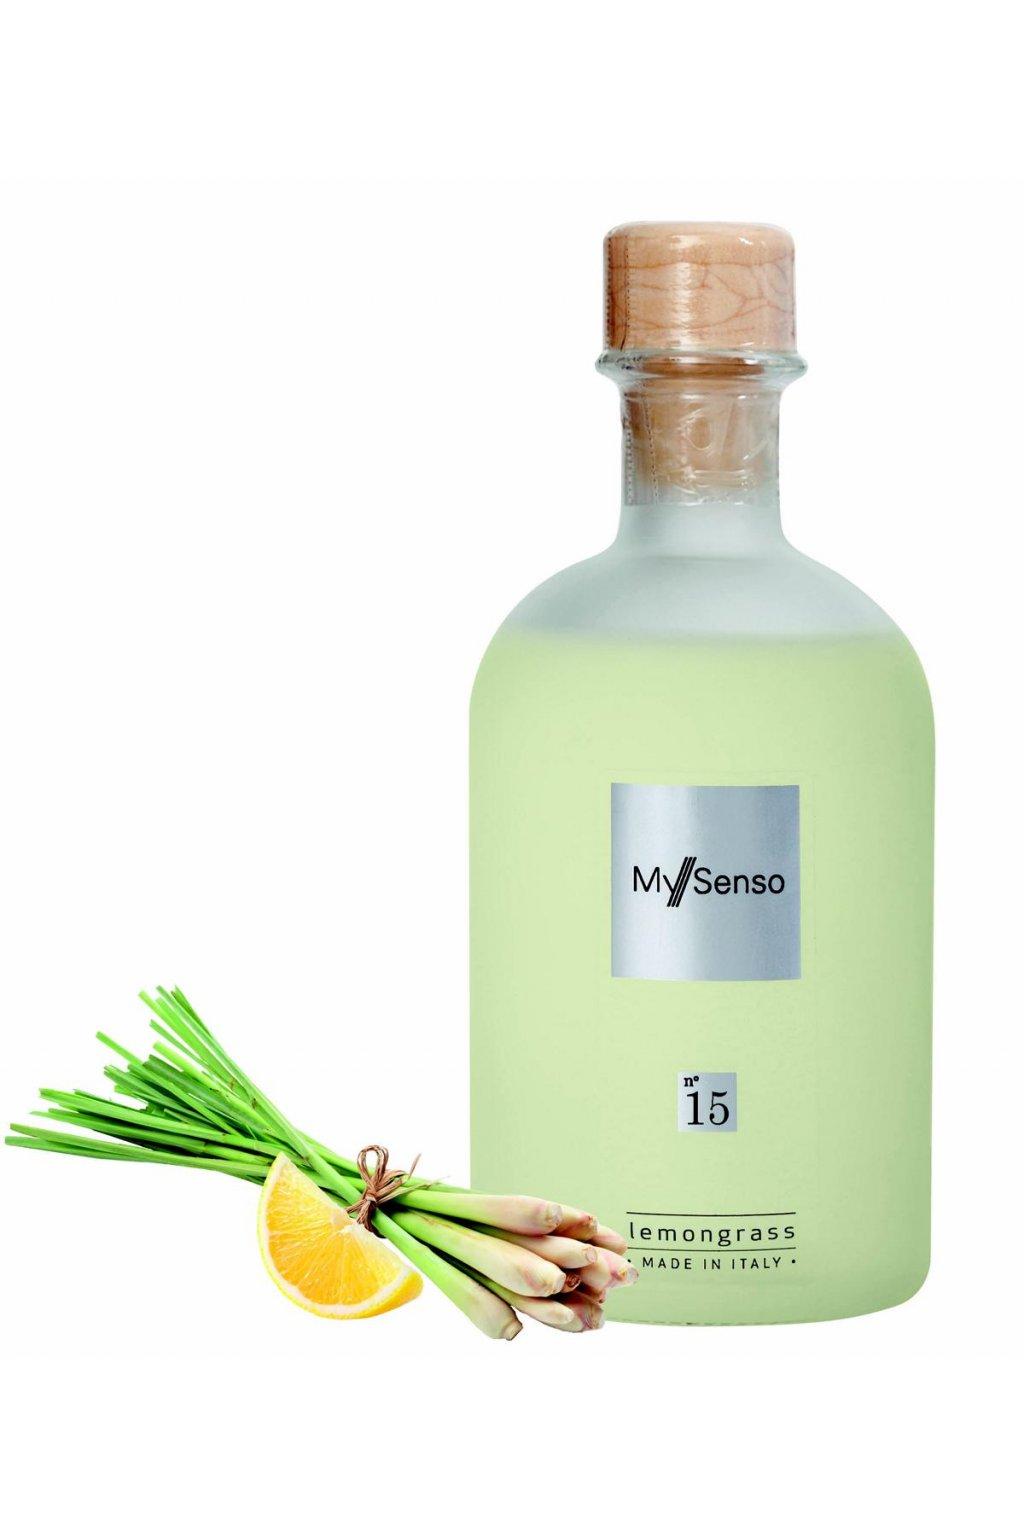 171 my senso nahradni napln pro aromaticky difuzer n 15 lemongrass cerstvy citron 240ml